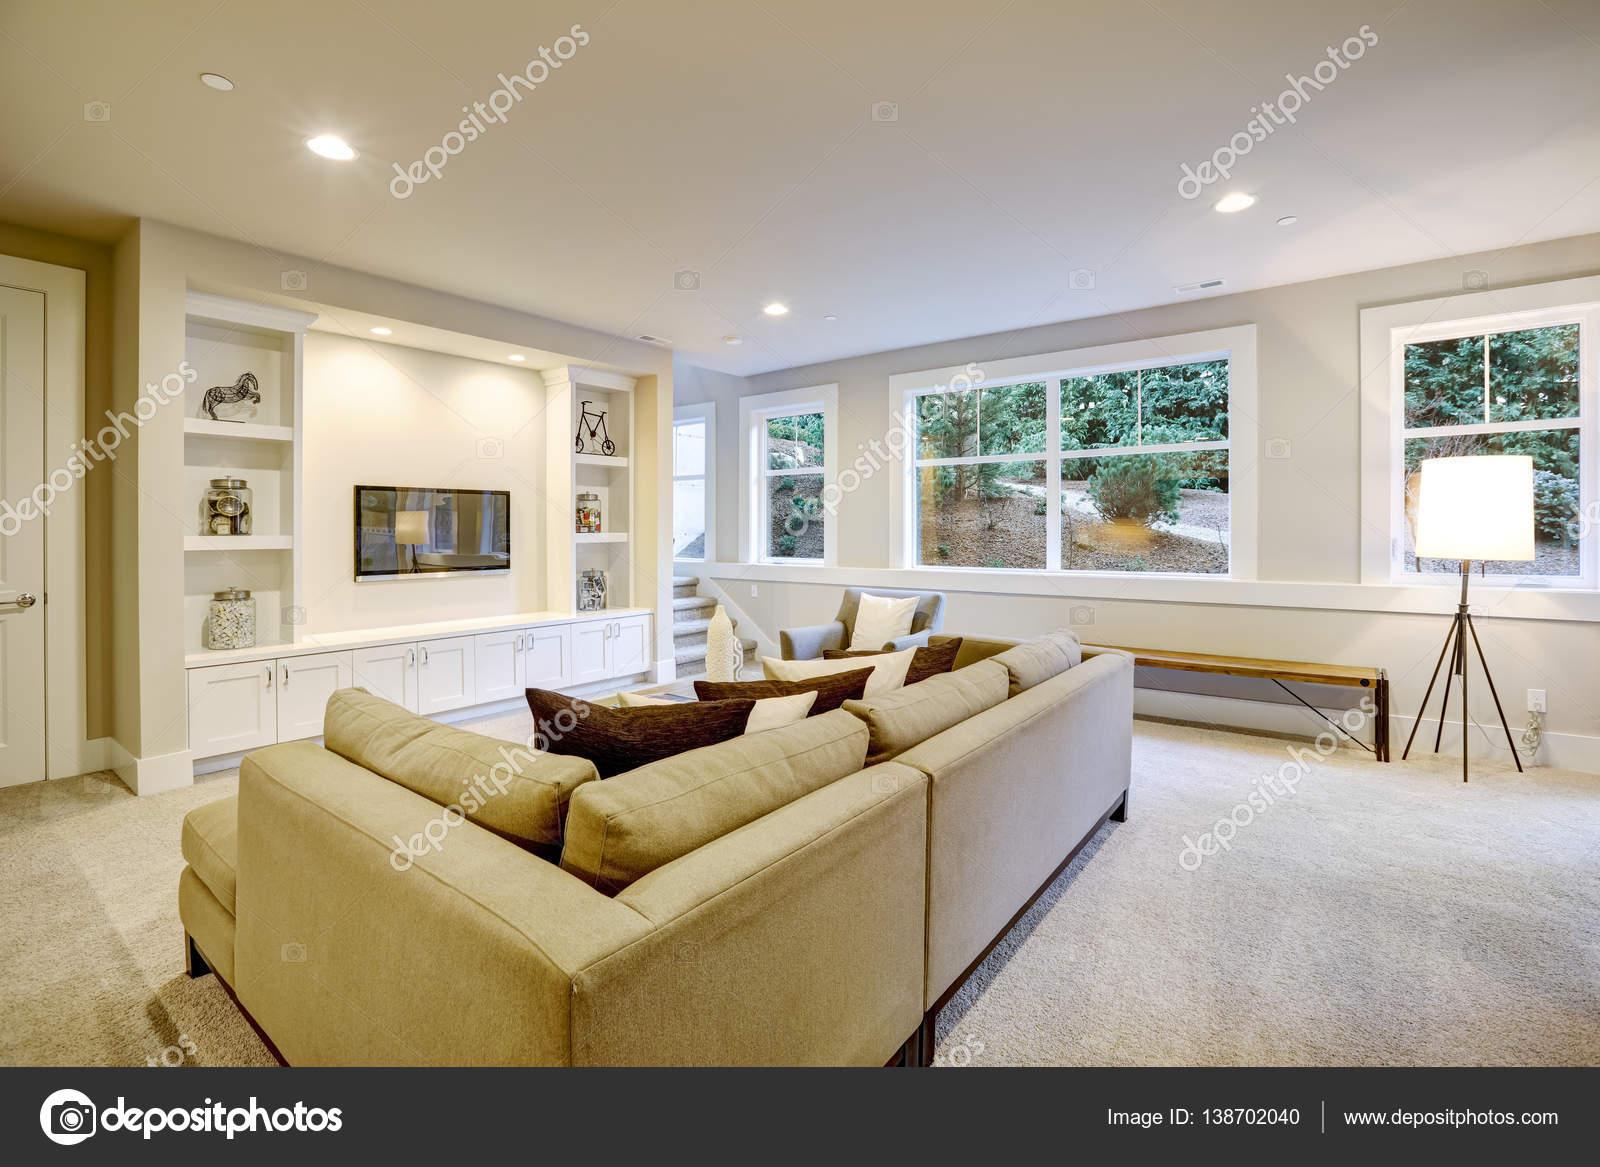 Chique woonkamer interieur in natuurlijke kleuren — Stockfoto ...